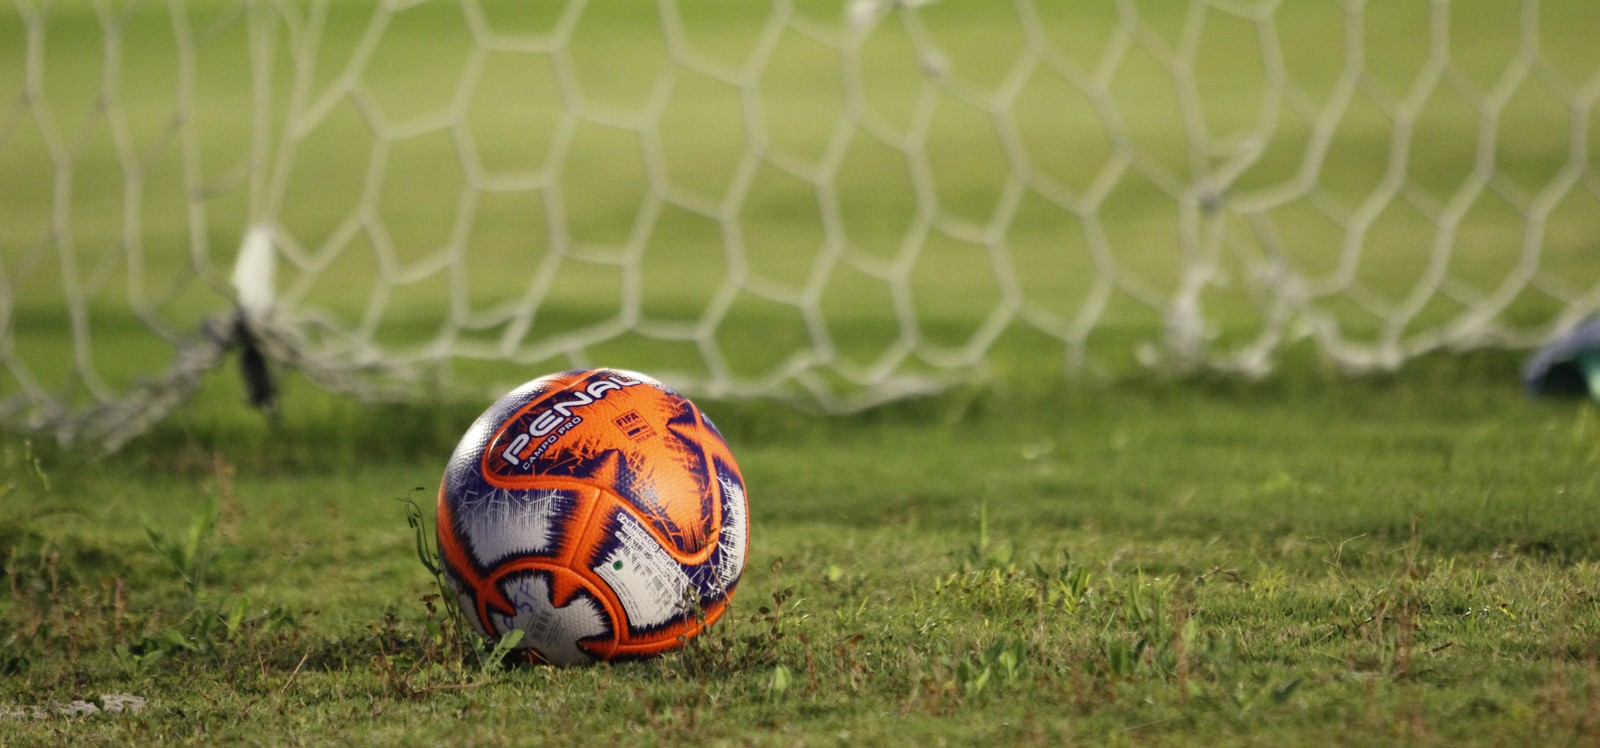 Atlético Cerrado bate o Sparta na abertura do returno do sub-19